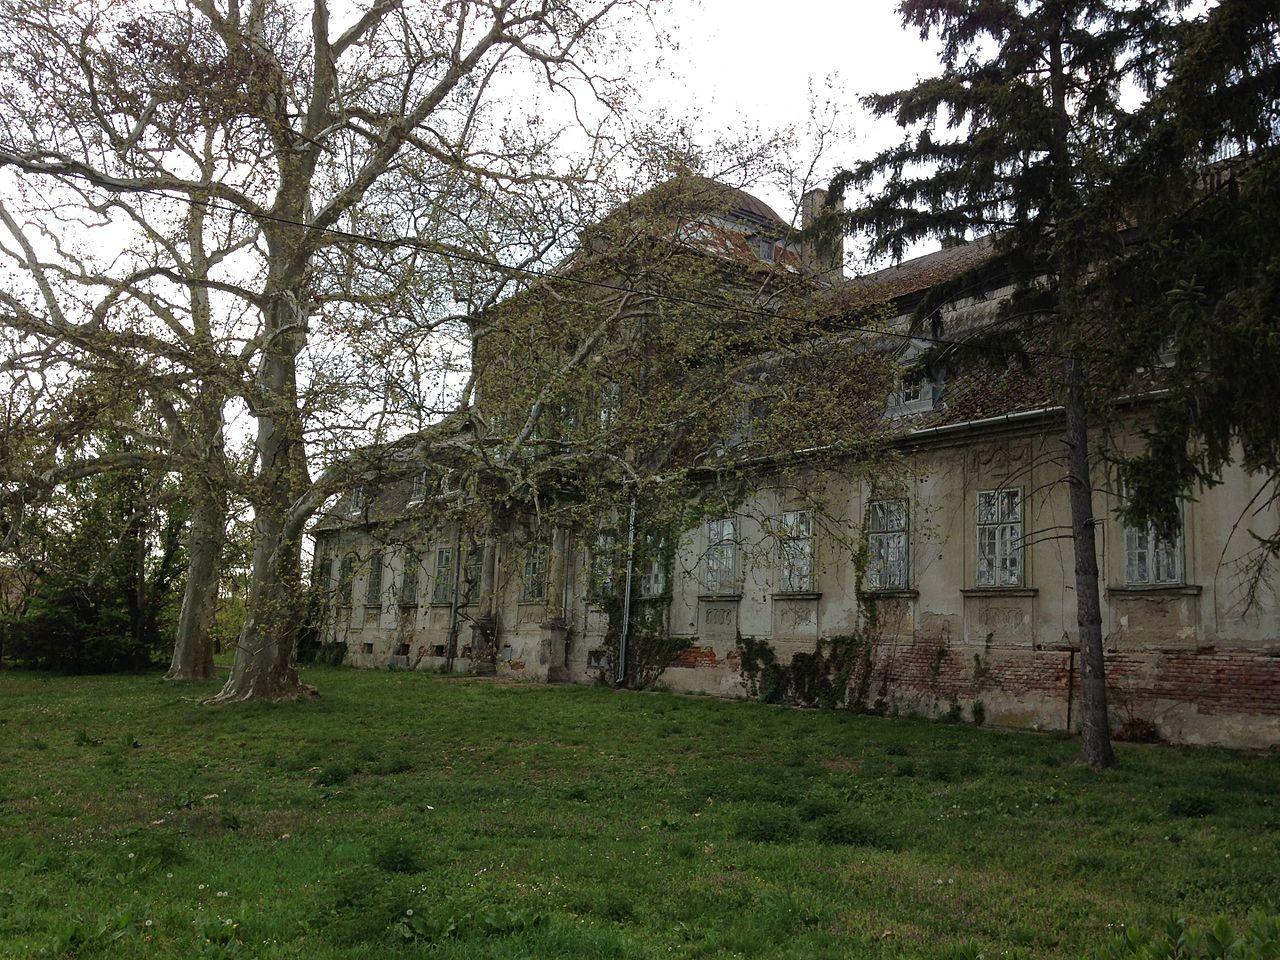 Lázár János felel a geszti Tisza-kastély felújításáért